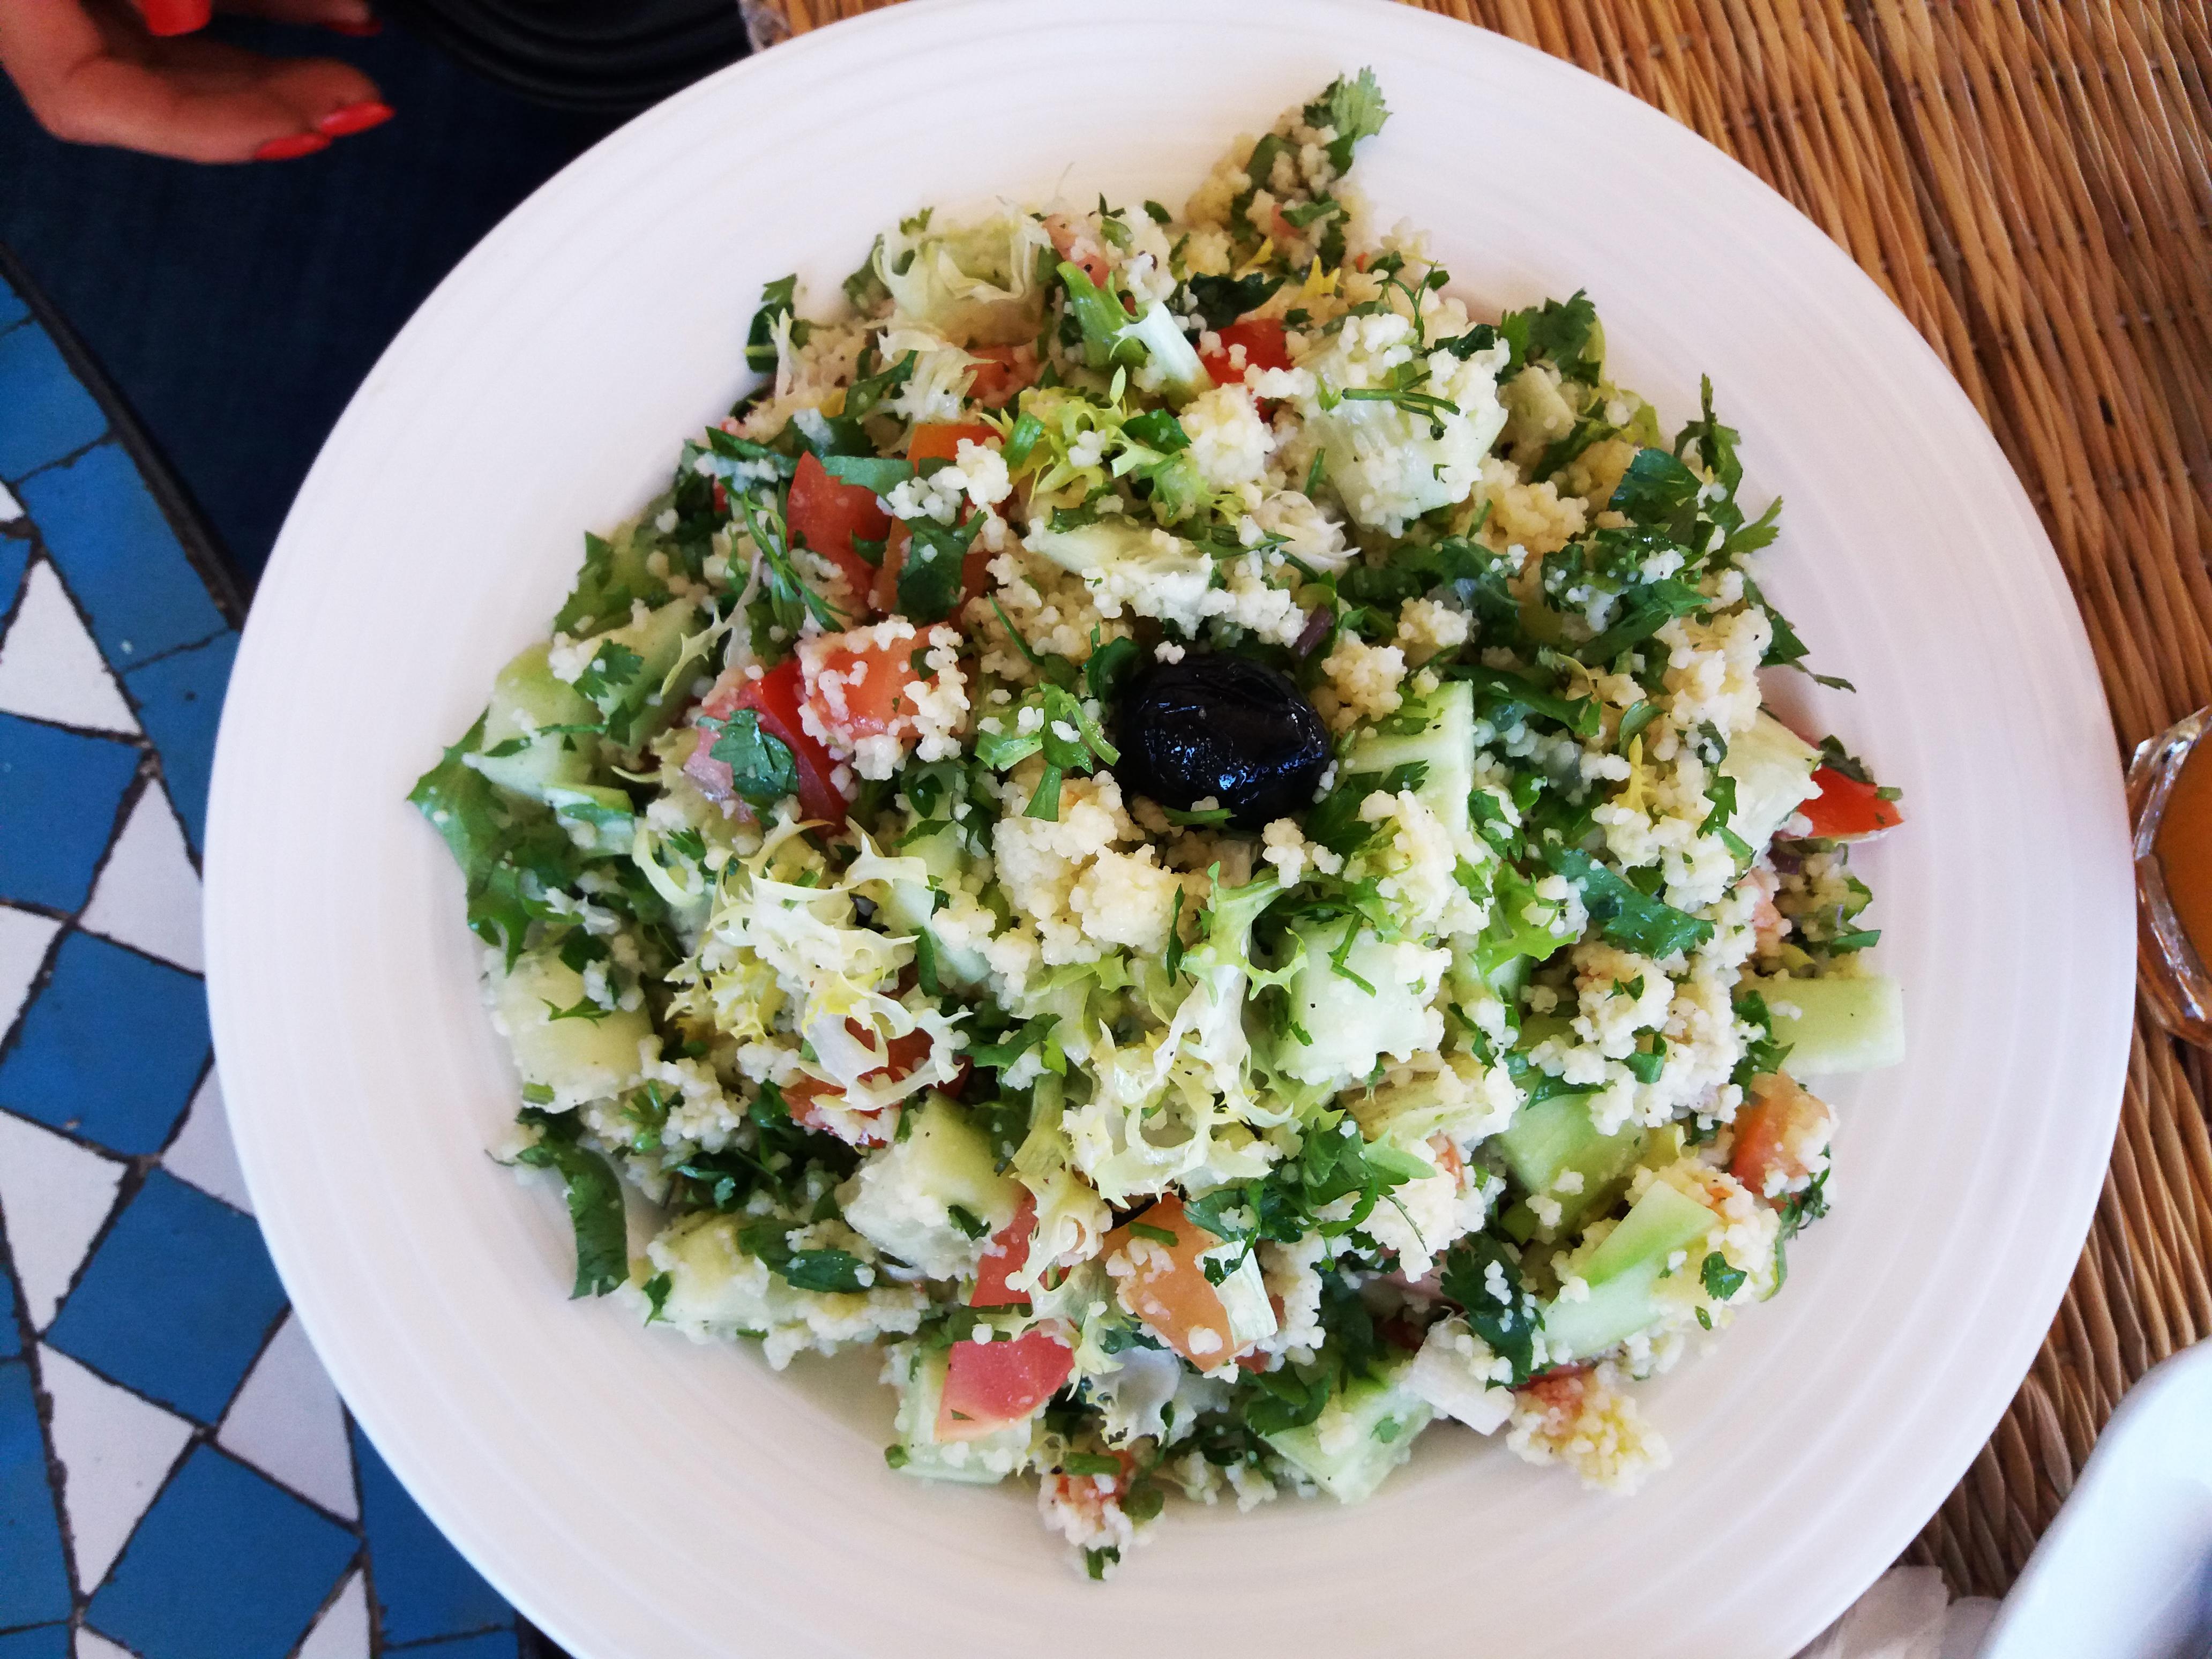 19 hermoso cocina marroqui facil im genes que comer en - Que hacer de comer facil y rapido ...